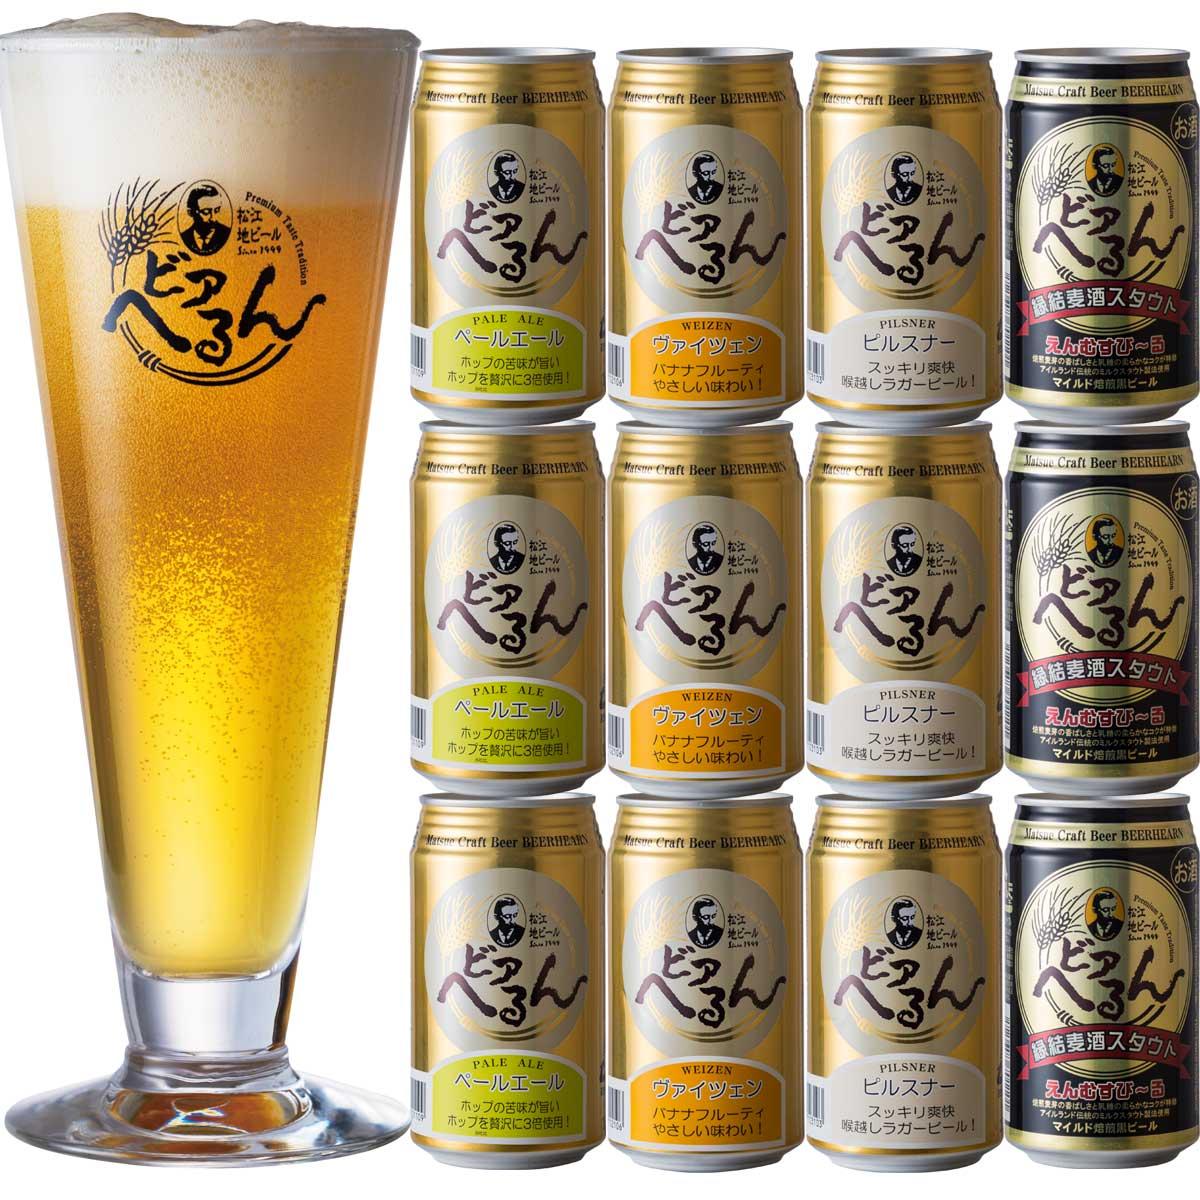 【 送料無料 】(東北・北海道・沖縄は追加送料あり)<br>松江ビアへるん 金賞 12缶 詰め合わせ 飲み比べセット 地ビール お歳暮 ギフト ご当地ビール 国産 黒ビール クラフトビール